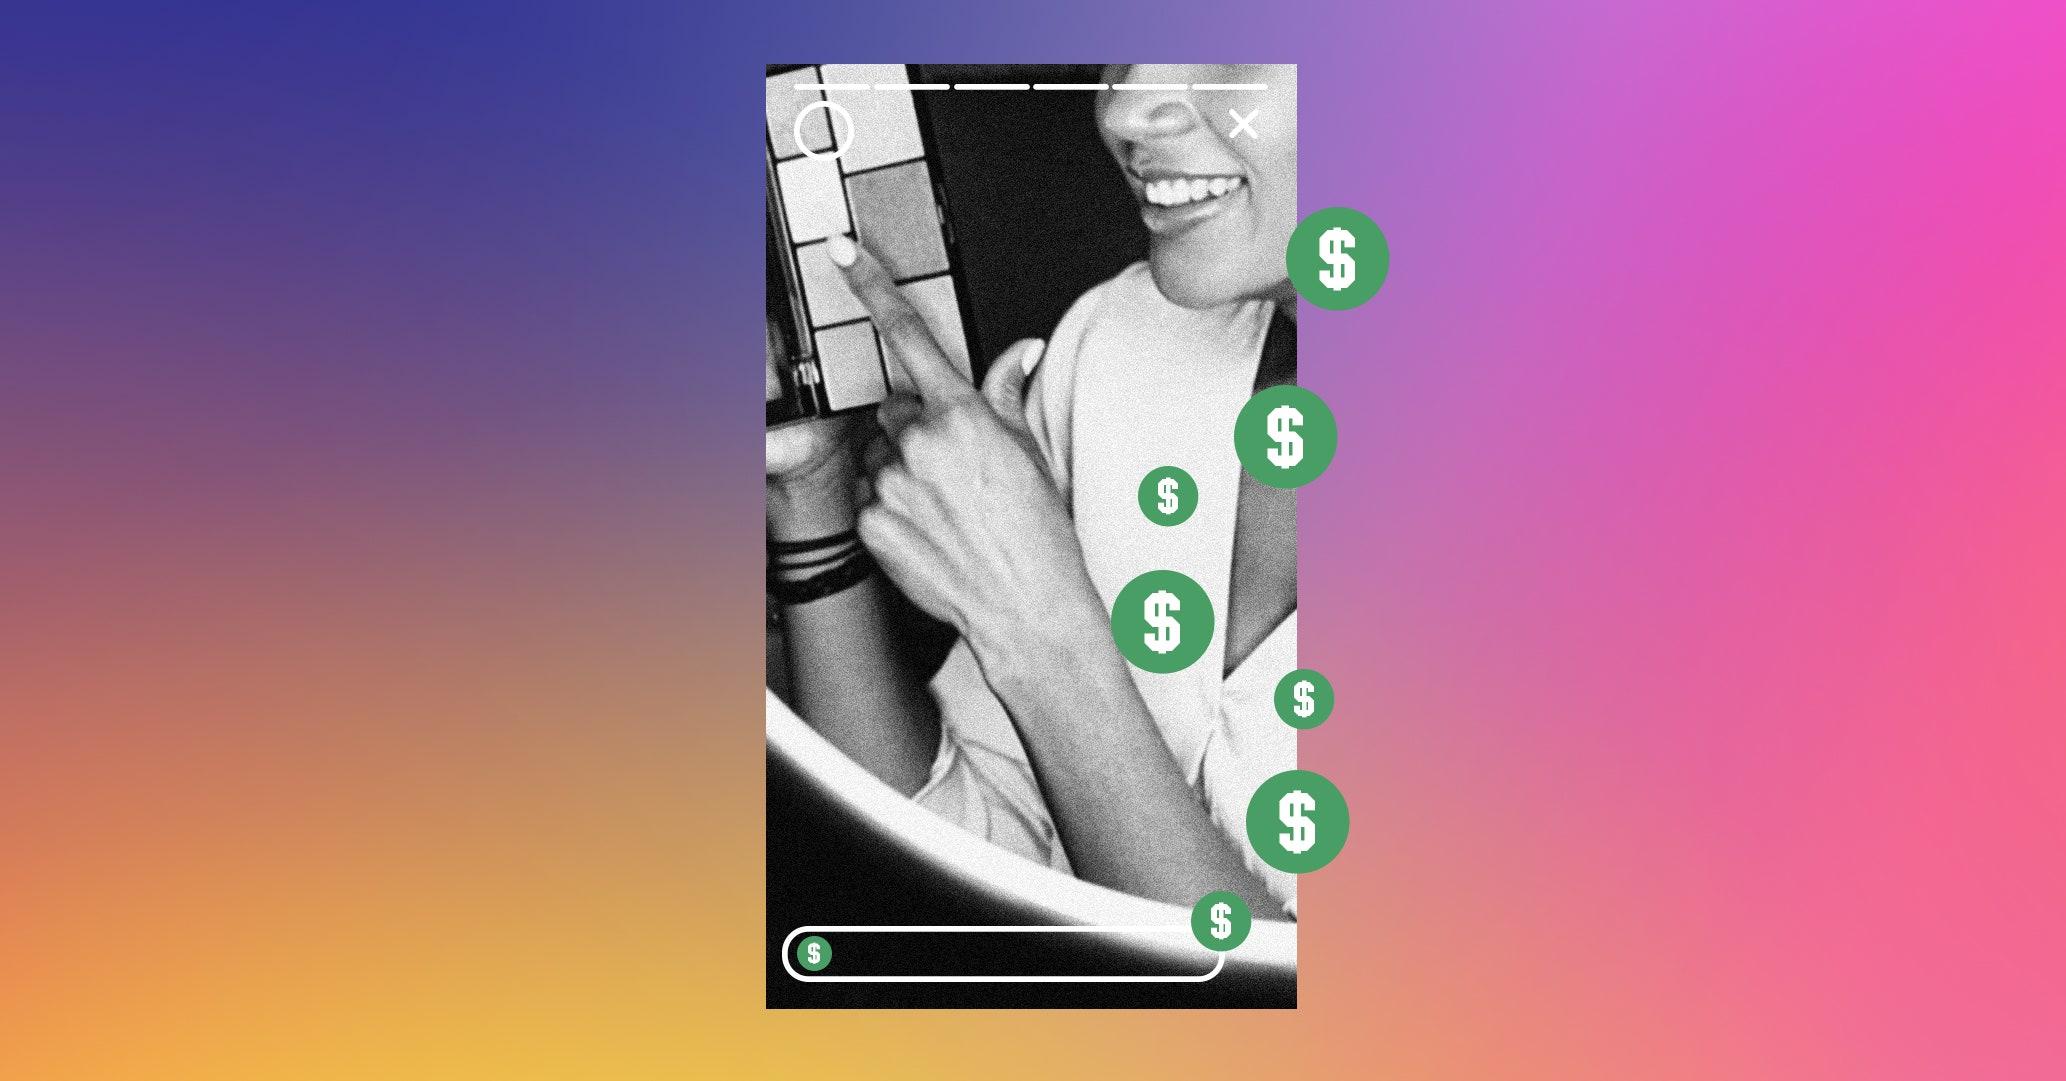 Instagram Canlı yayınlardan para kazanmak - Siberdefter